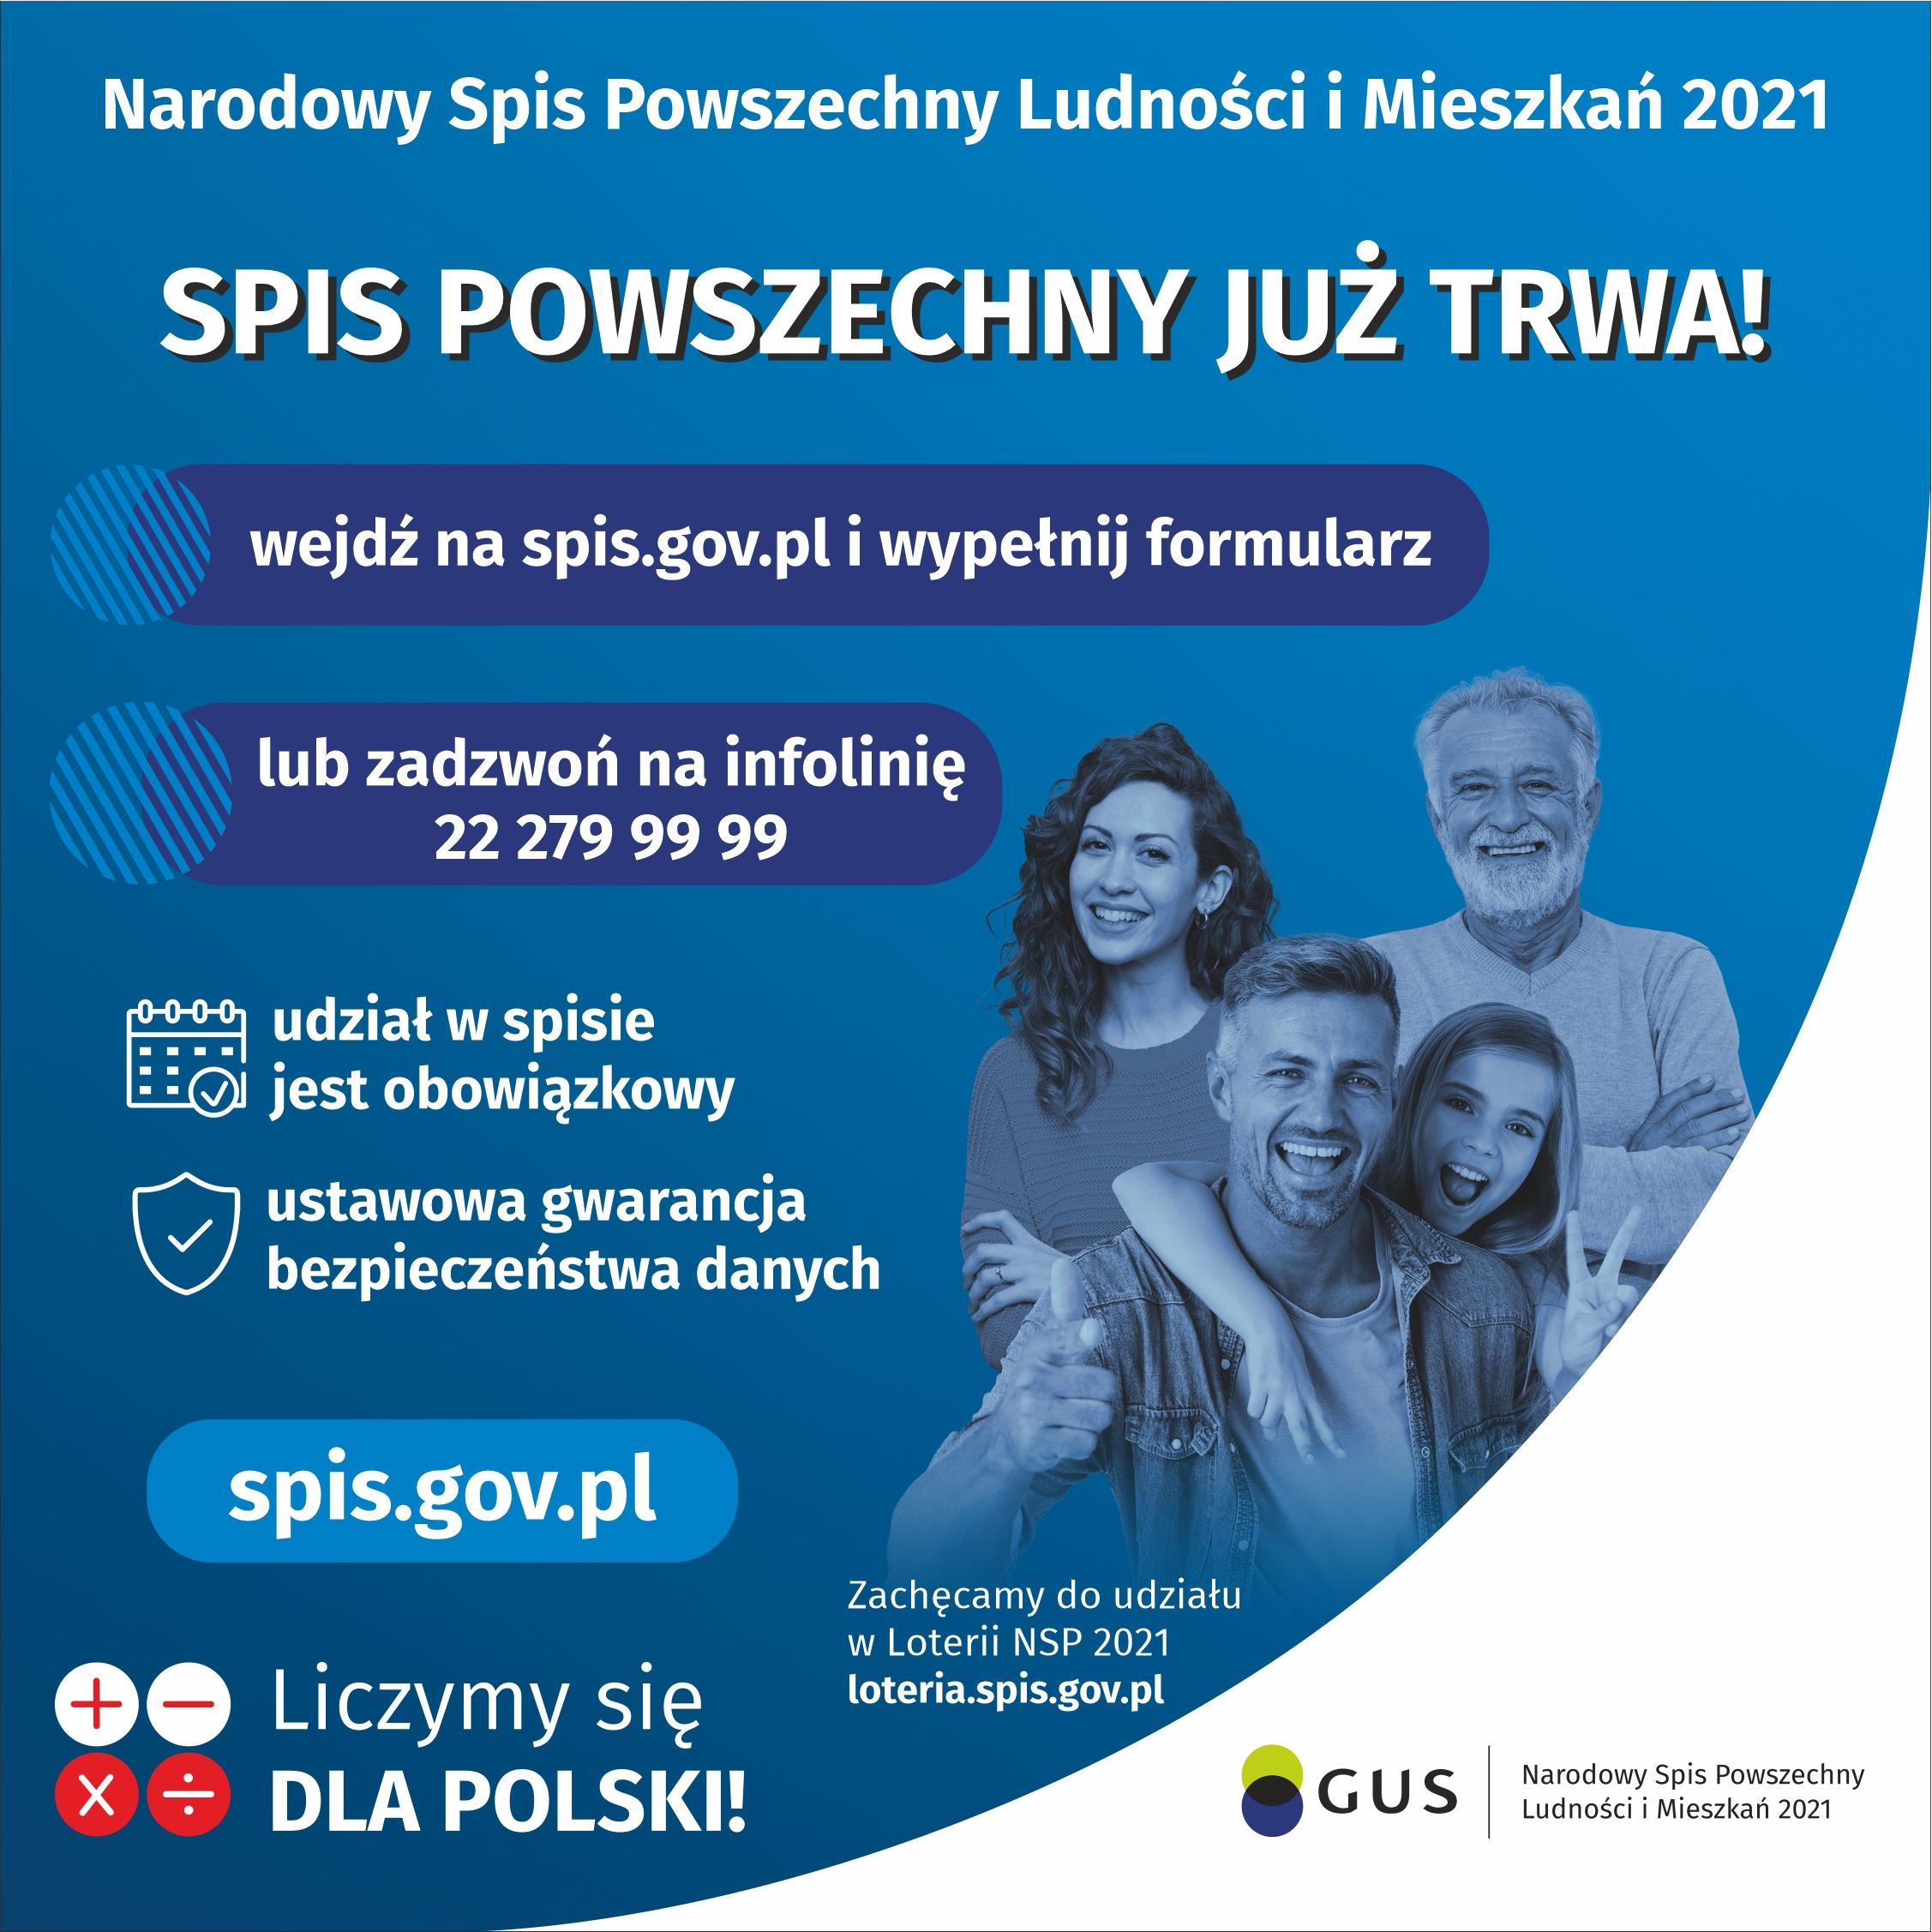 1 kwietnia rozpoczyna się Narodowy Spis Powszechny 2021, wejdź na spis.gov.pl i spisz się!